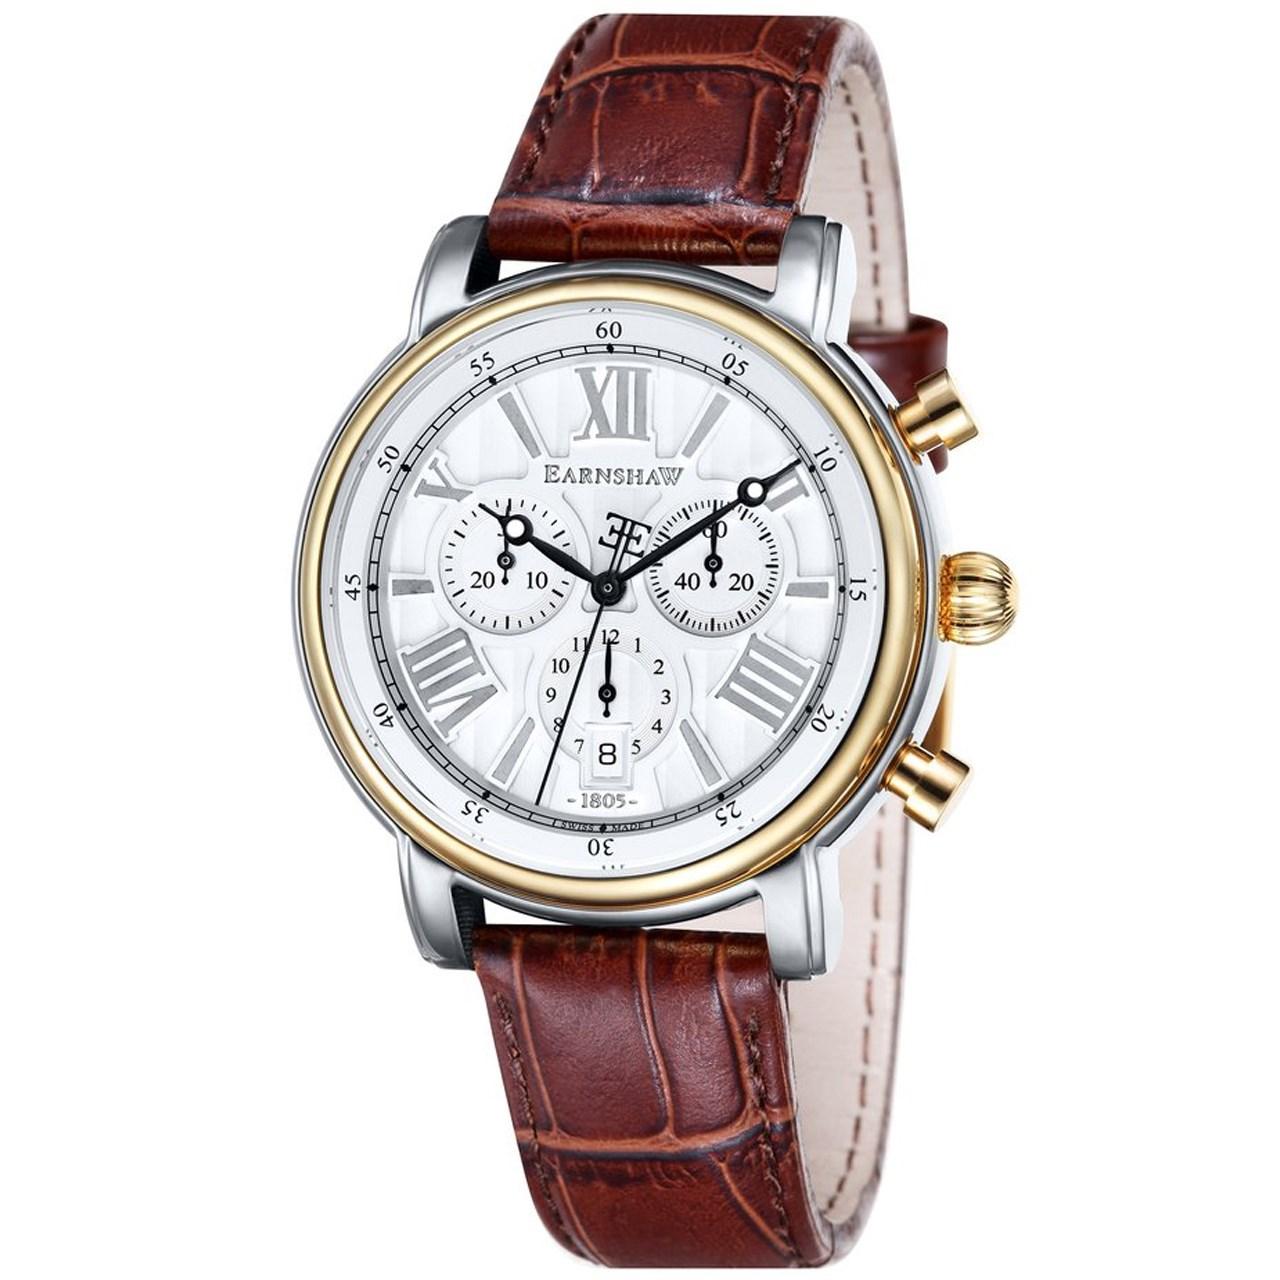 ساعت مچی عقربه ای مردانه ارنشا مدل ES-0016-05 8